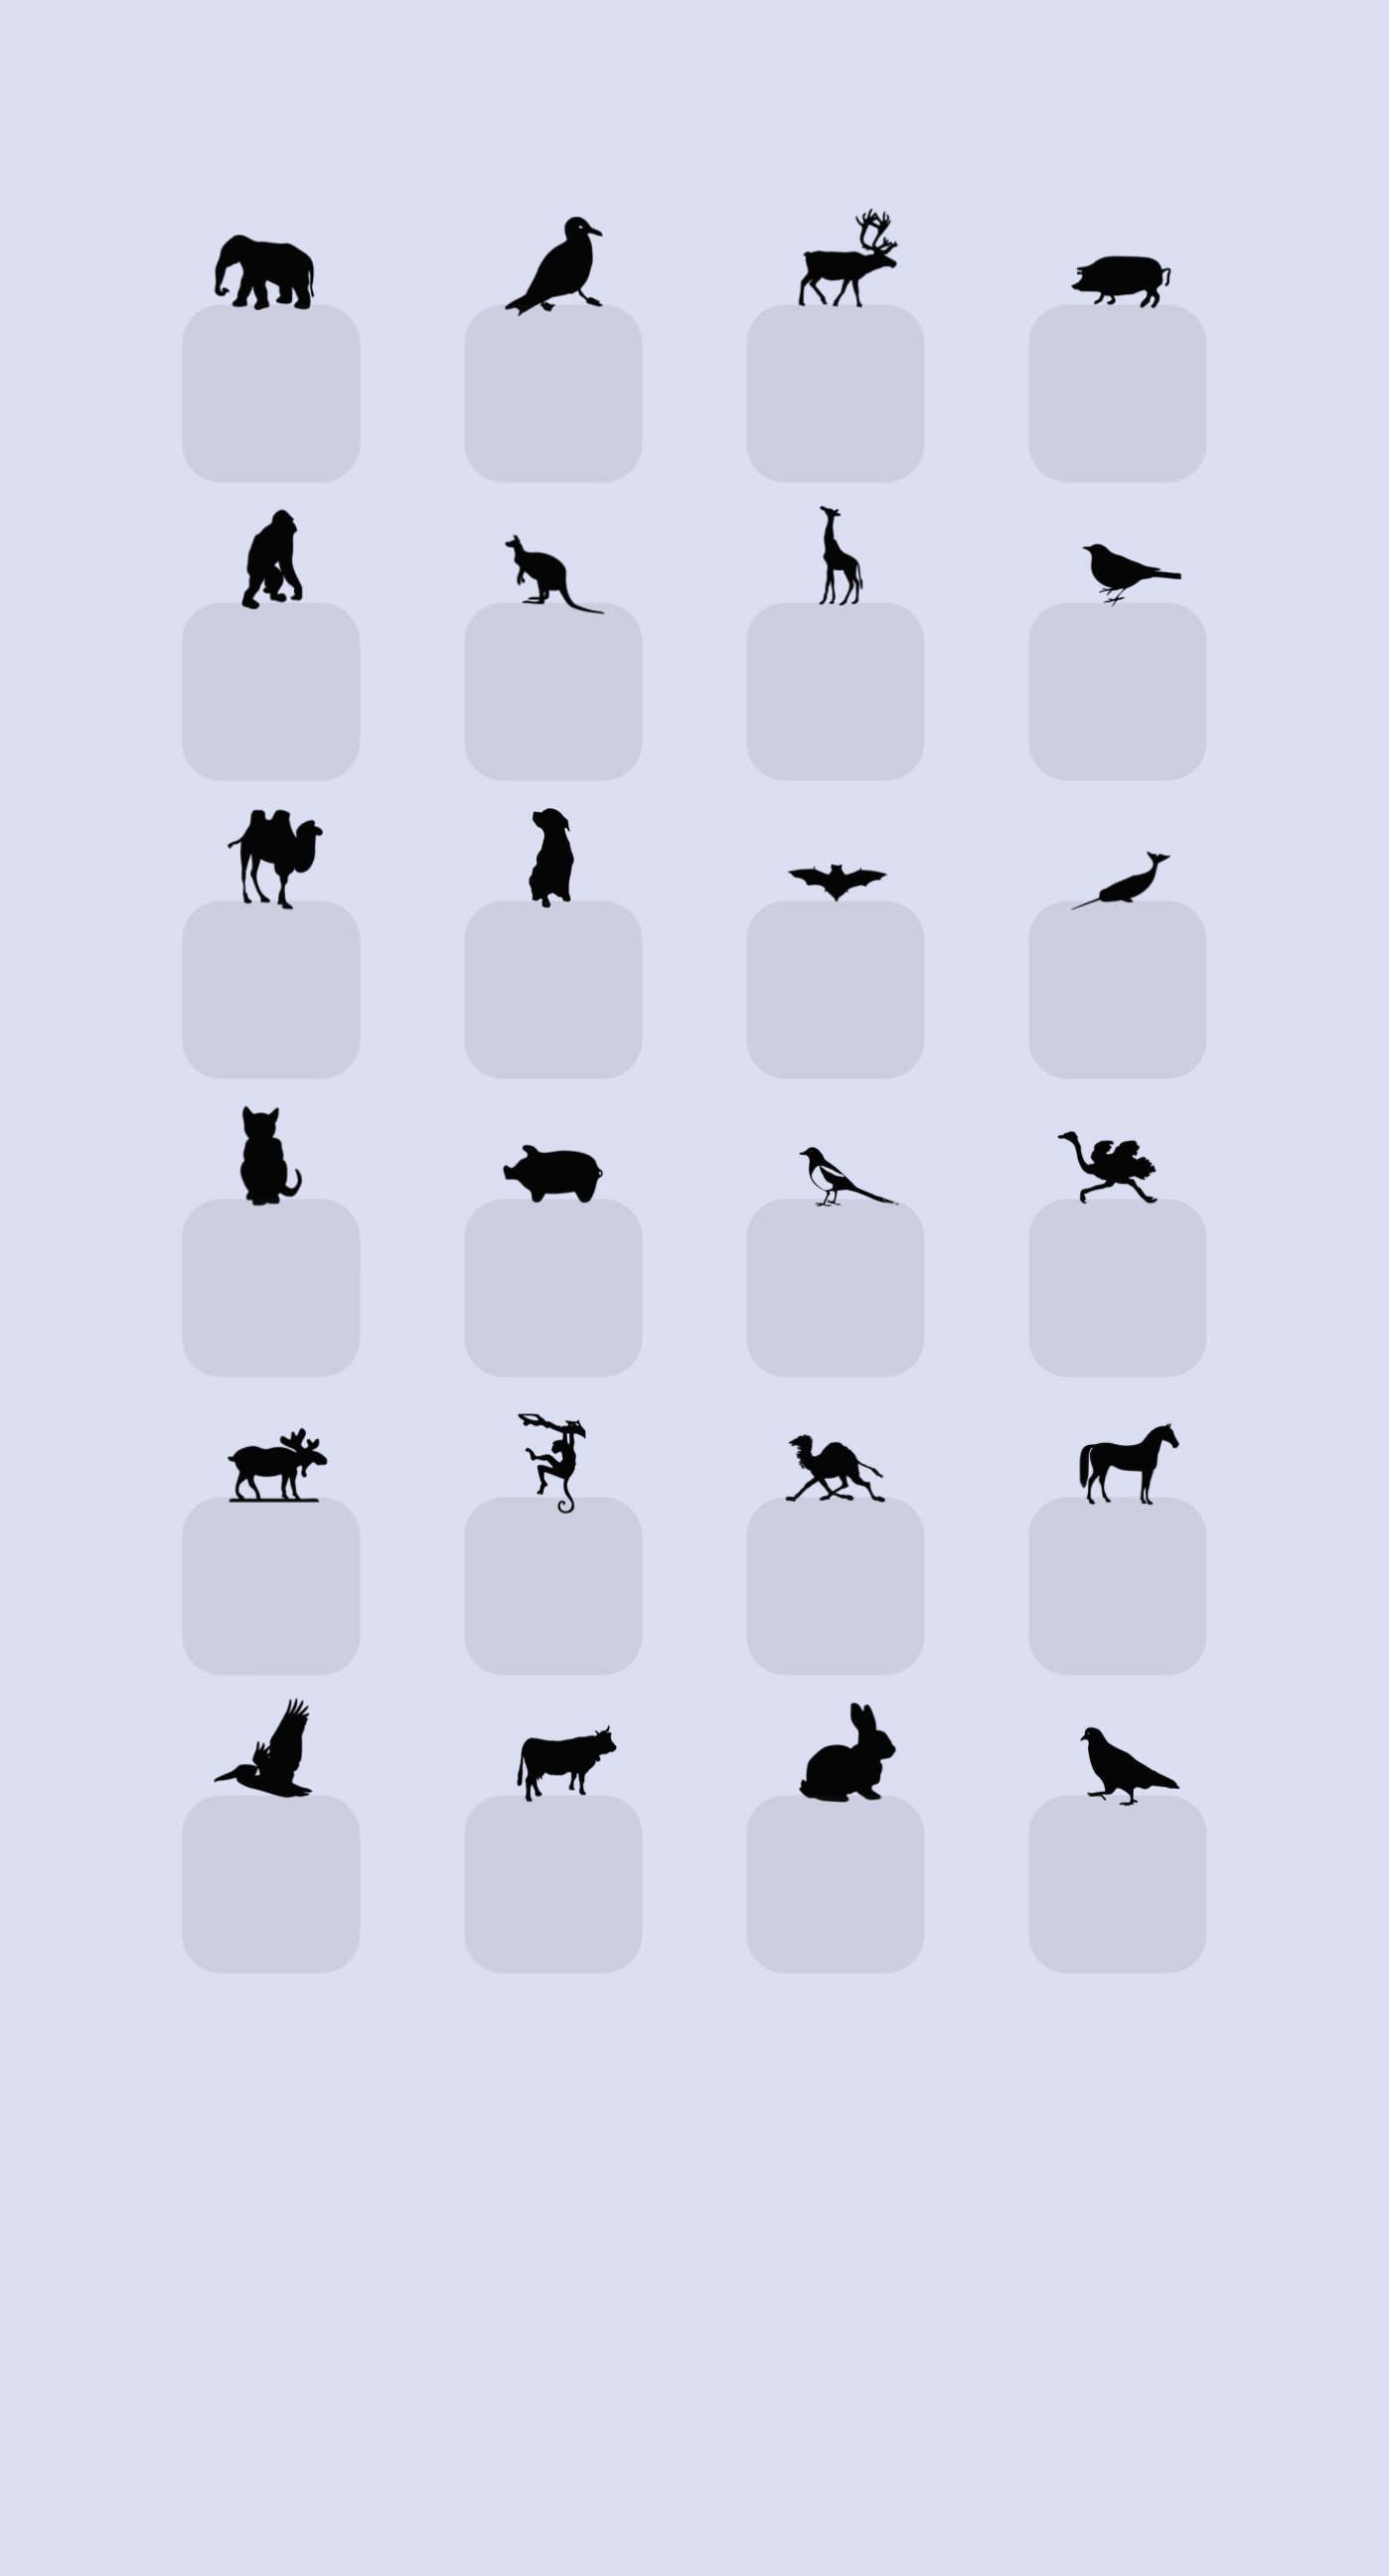 棚動物青可愛い女子向け Wallpaper Sc Iphone6splus壁紙